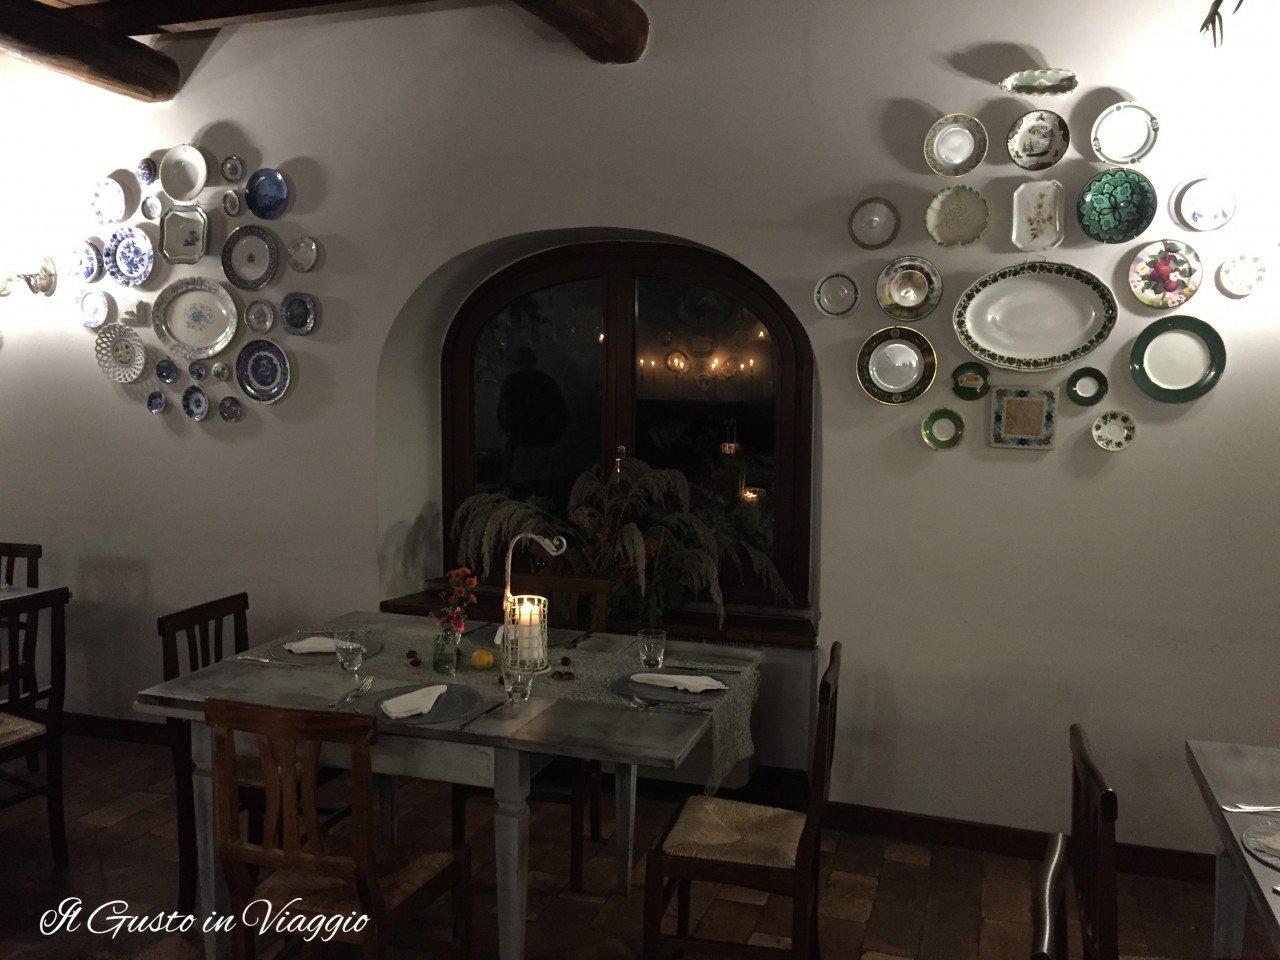 dove mangiare a viterbo con i bambini, interno giardini di Ararat vitebo